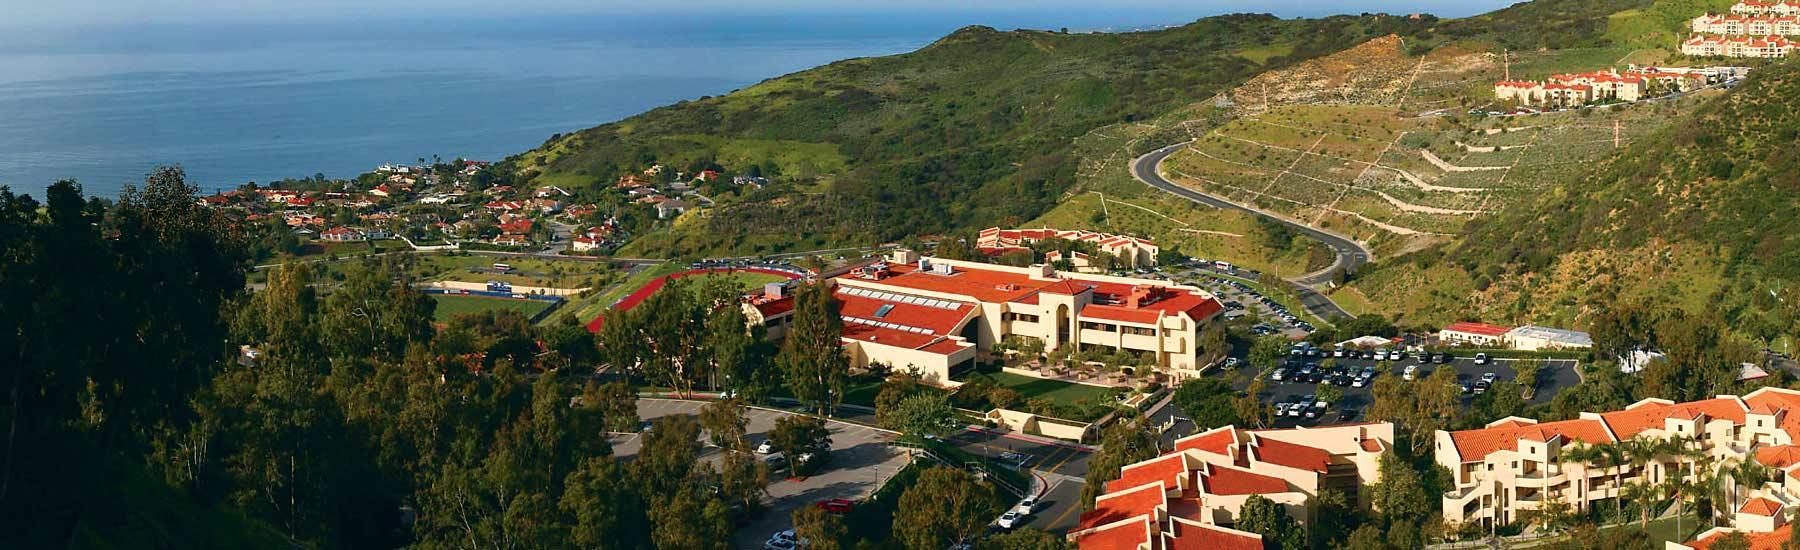 Malibu Campus